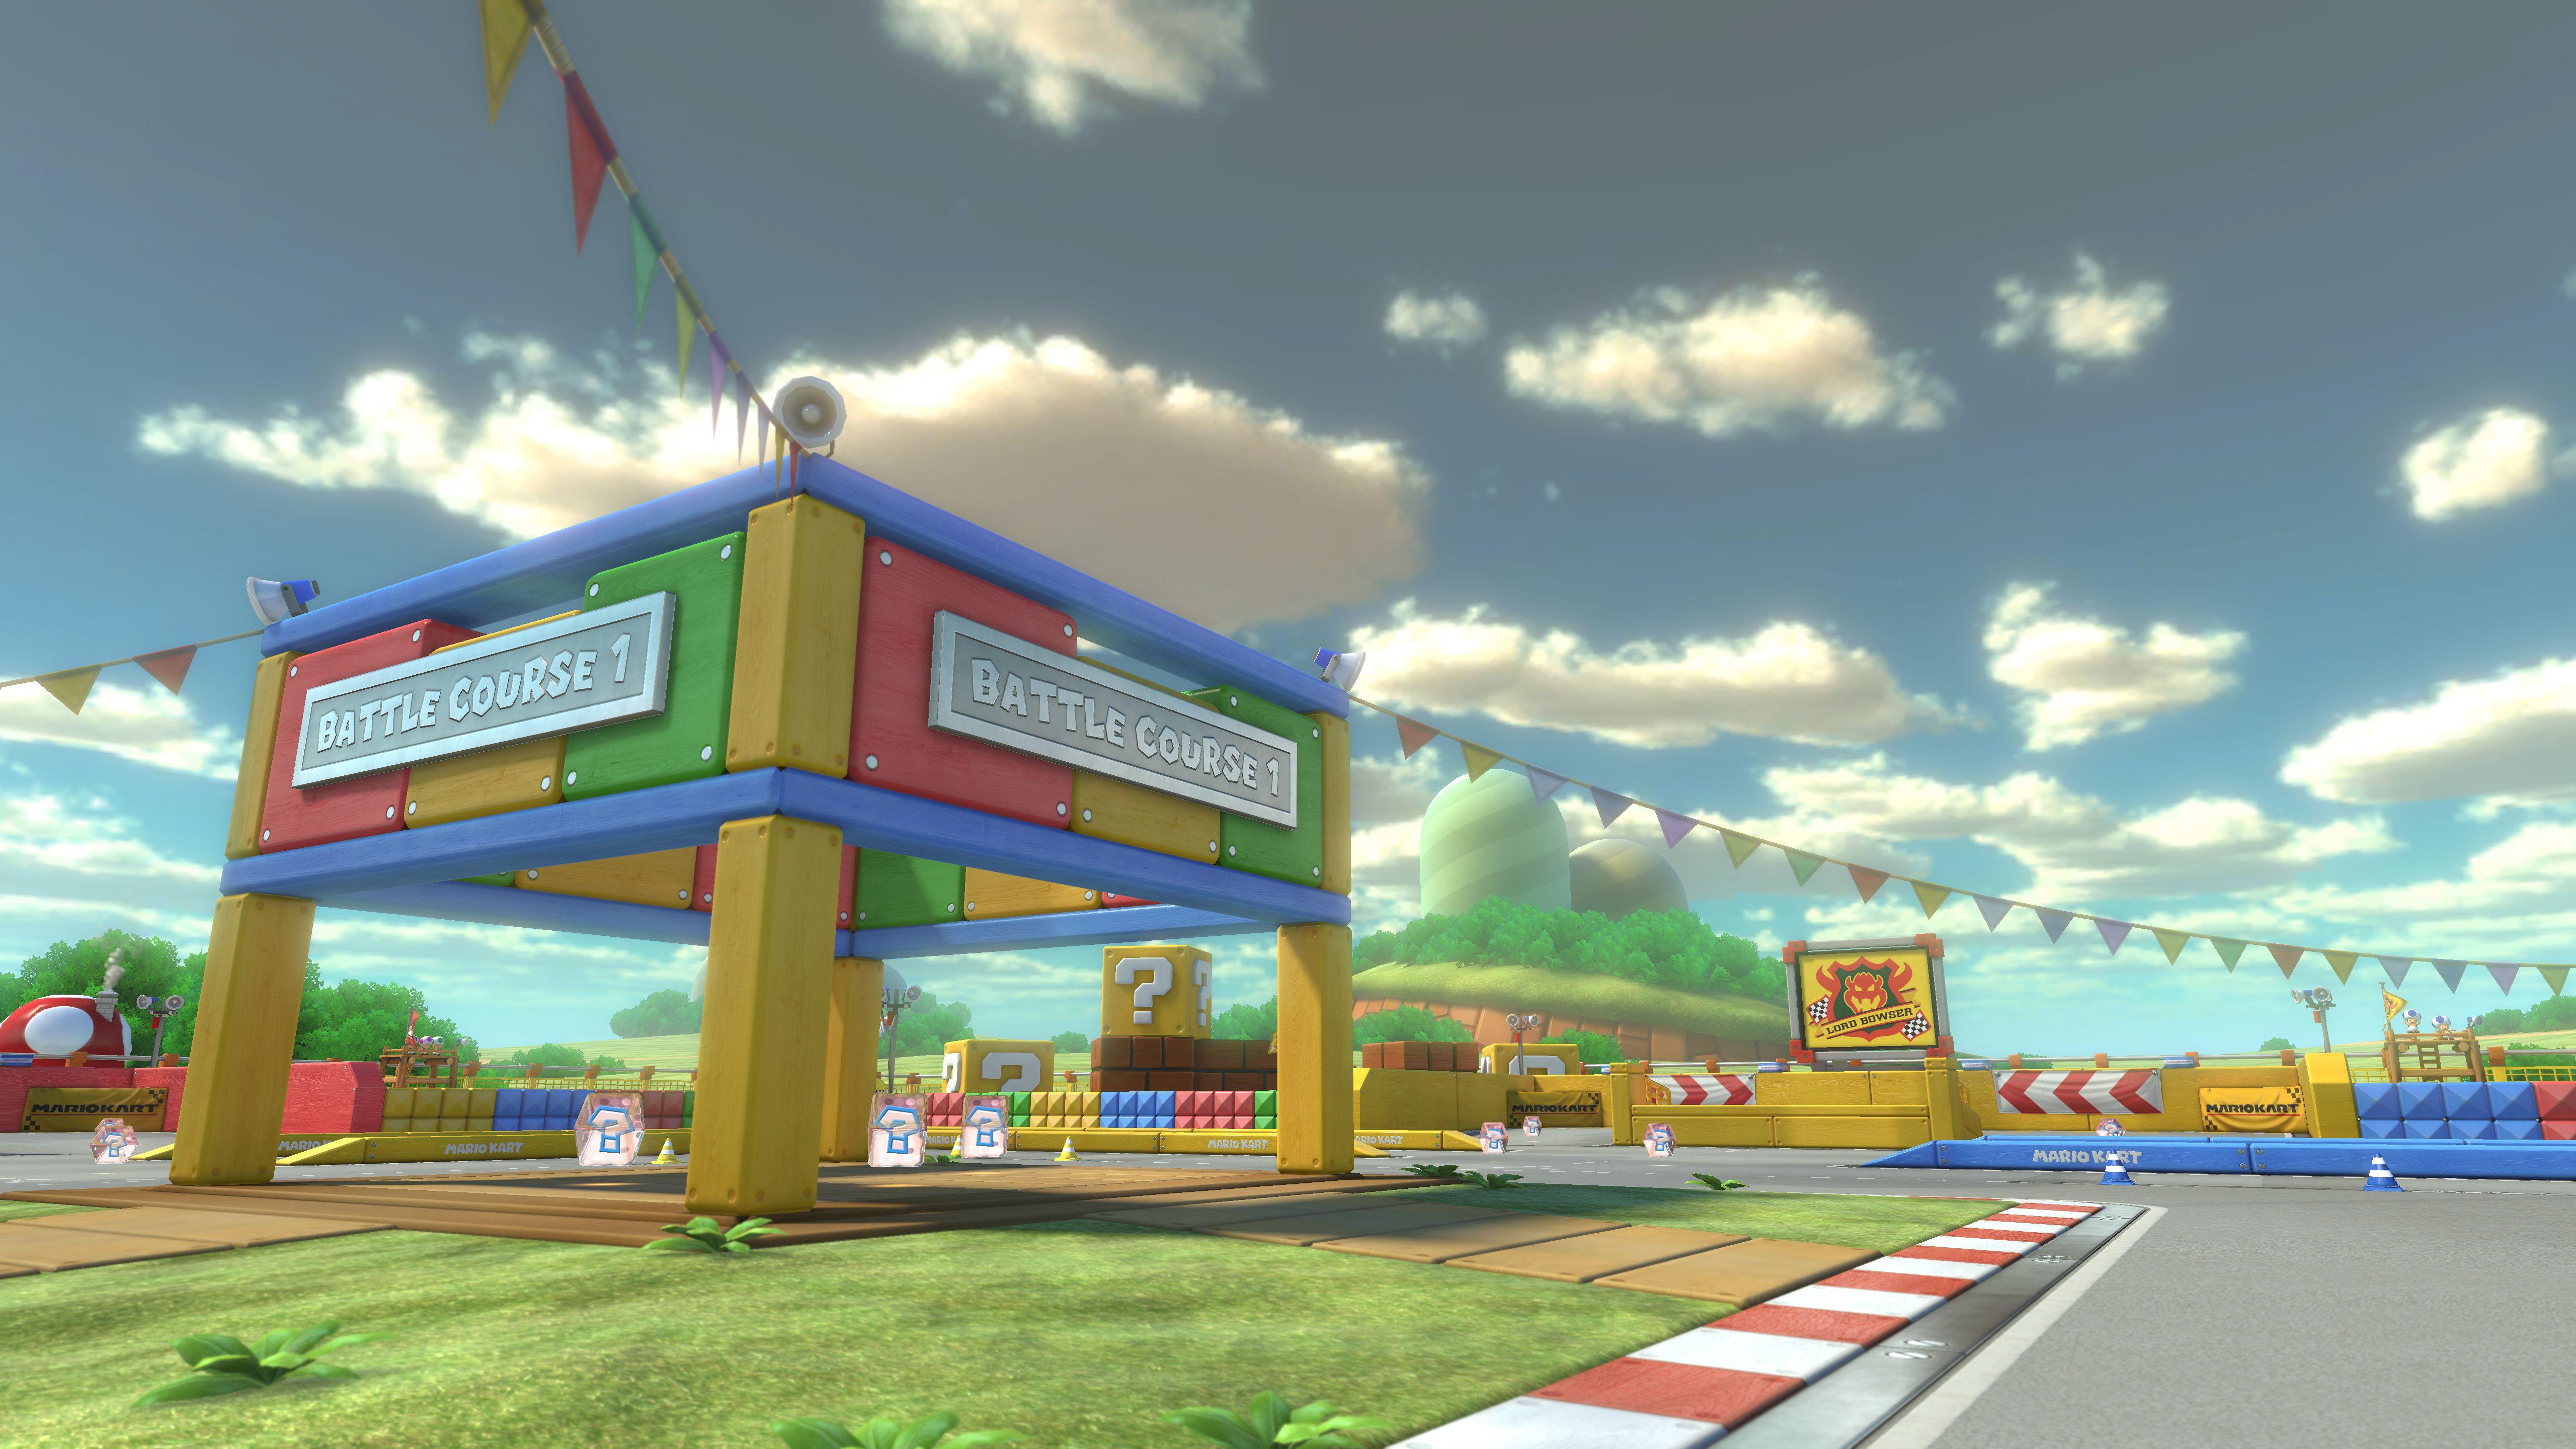 Deluxe - Mario Kart 8 5K